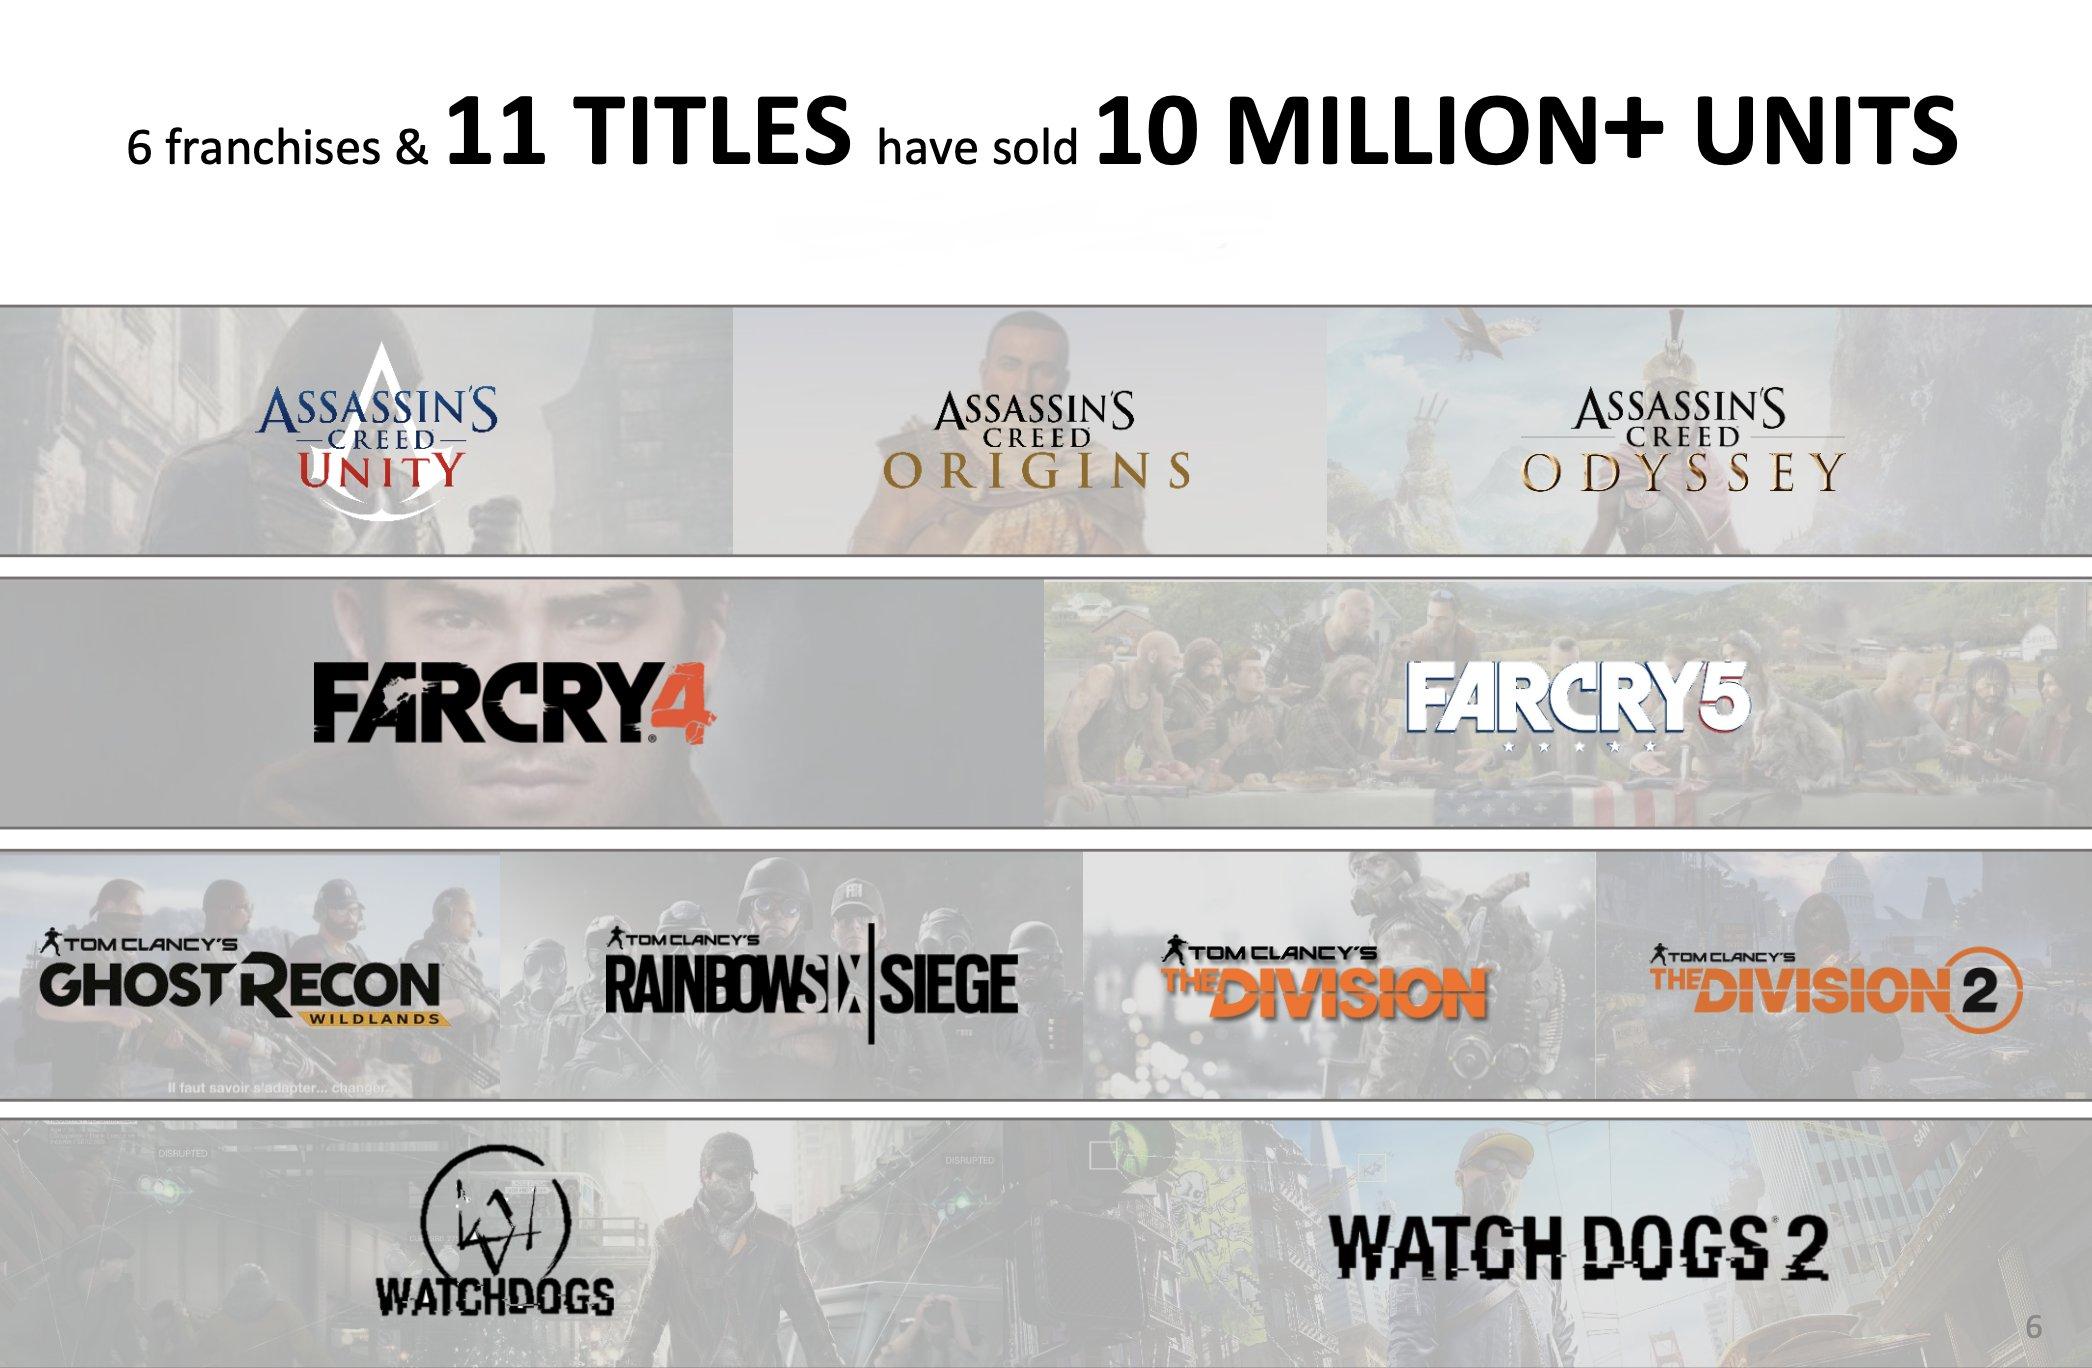 Ubisoft آماری از فروش عناوین خود در درون نسل 8 ارائه کرد